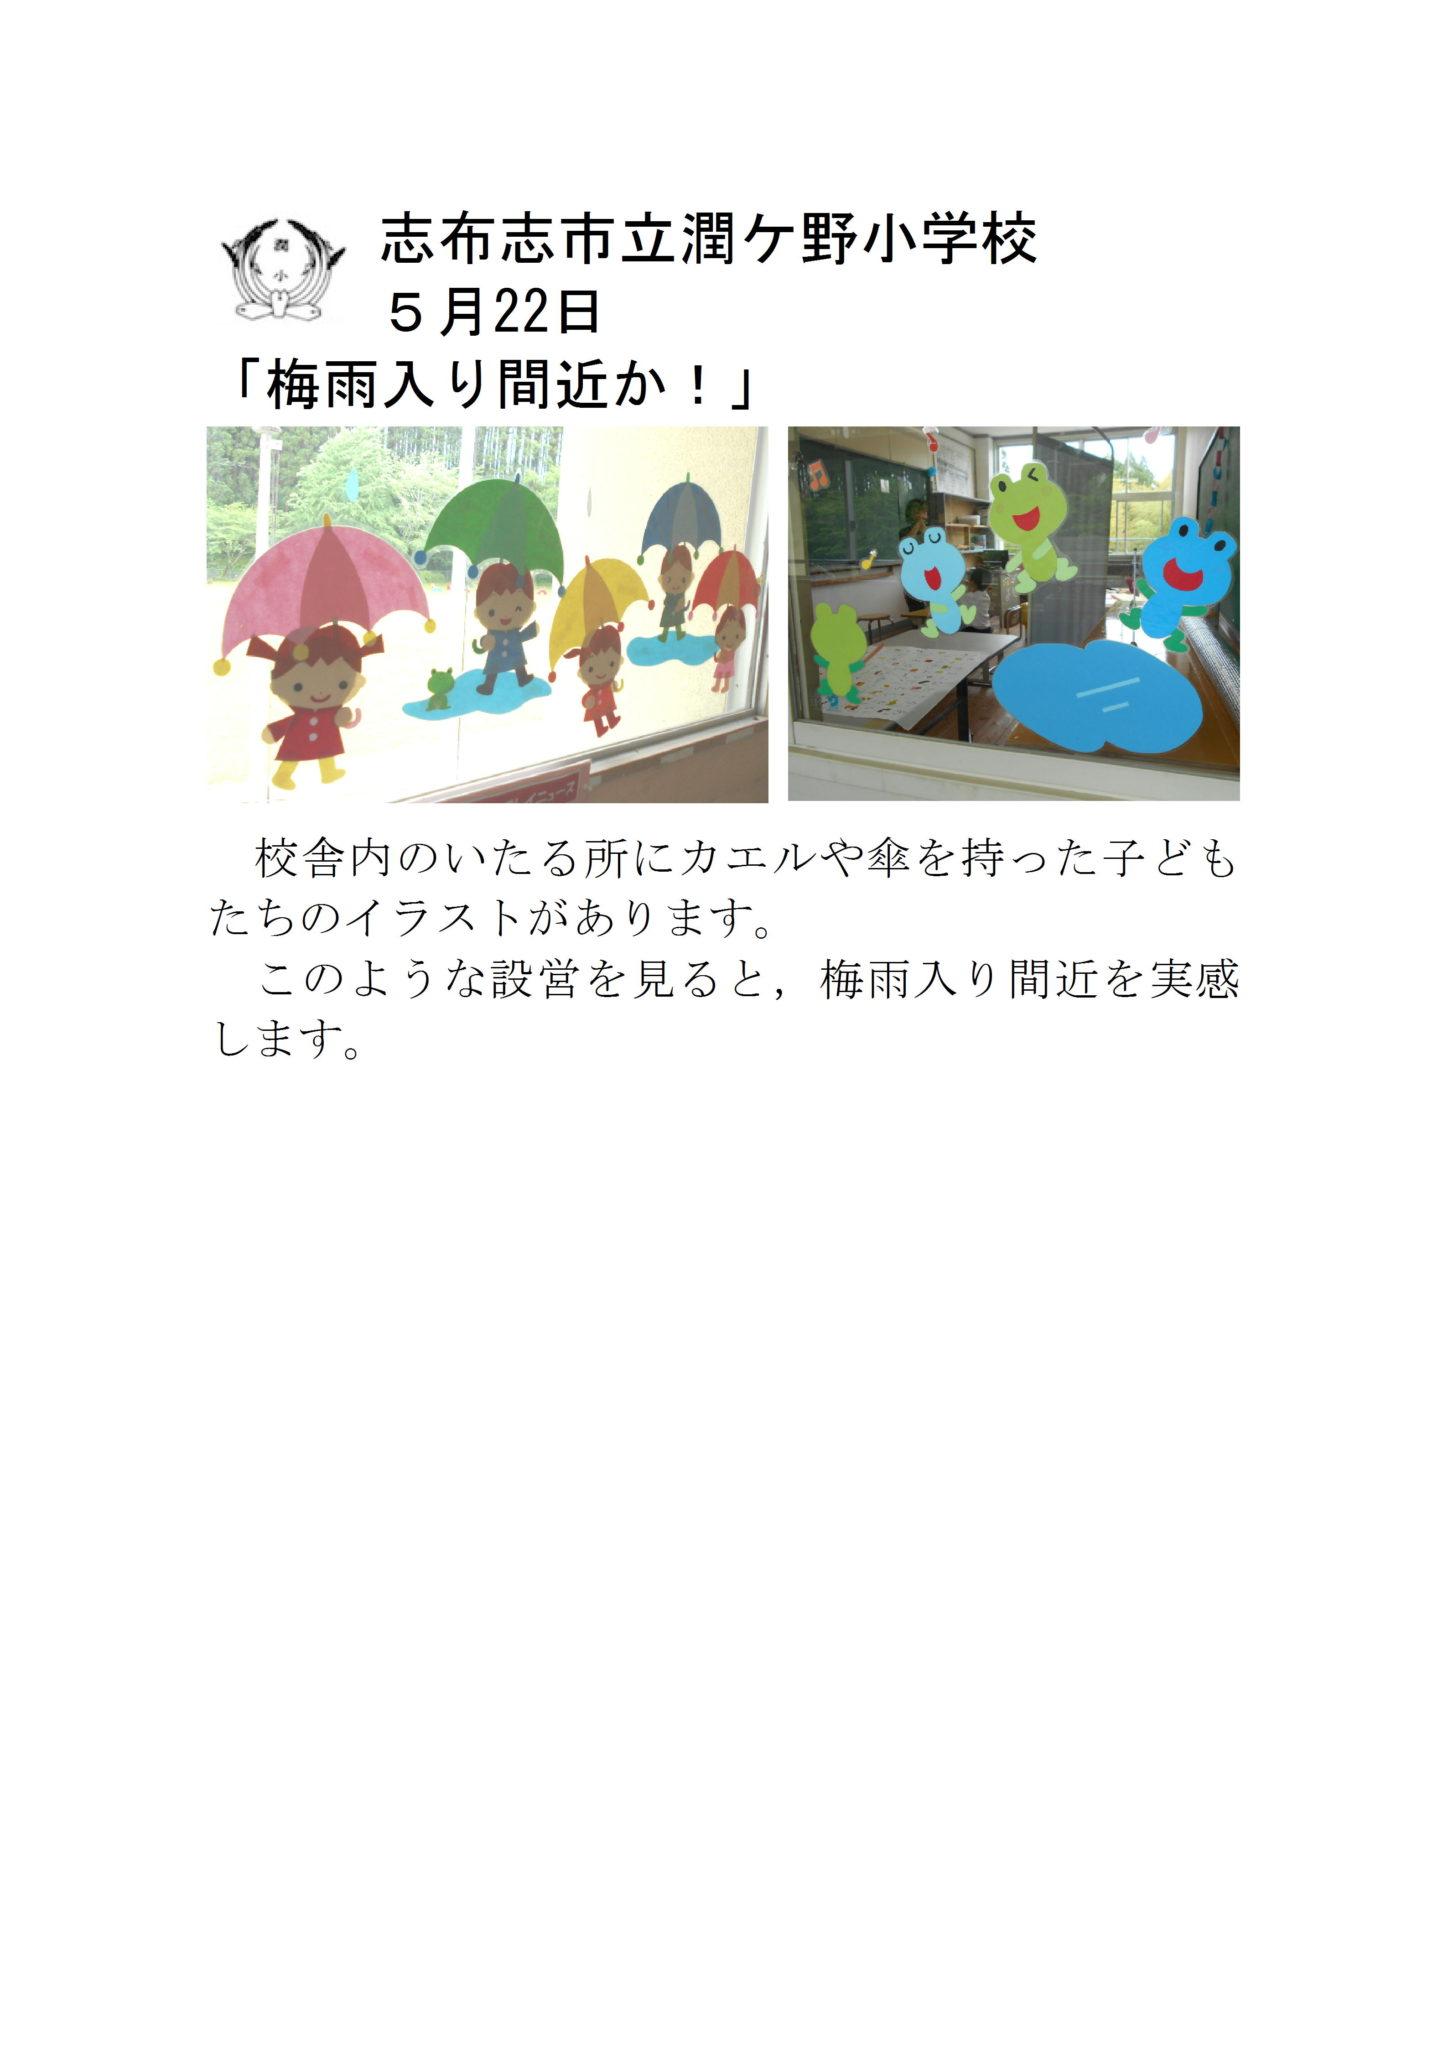 5月22日 うるがのフォトニュース...